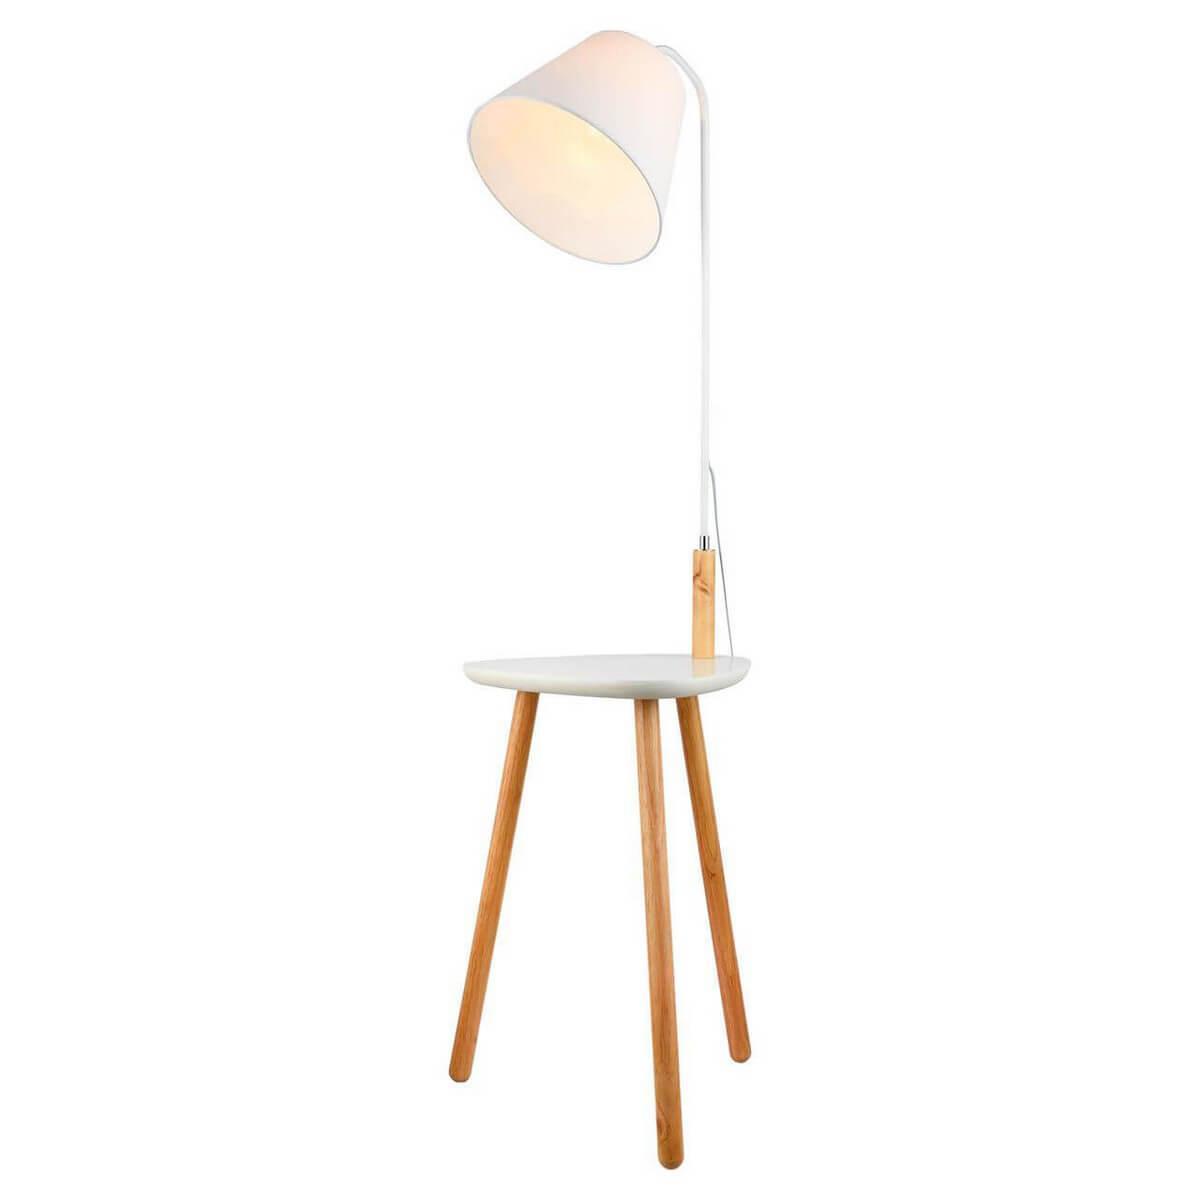 Напольный светильник Lussole GRLSP-0522, E27, 11 Вт vodosgon silicone avs sb 0522 a78301s